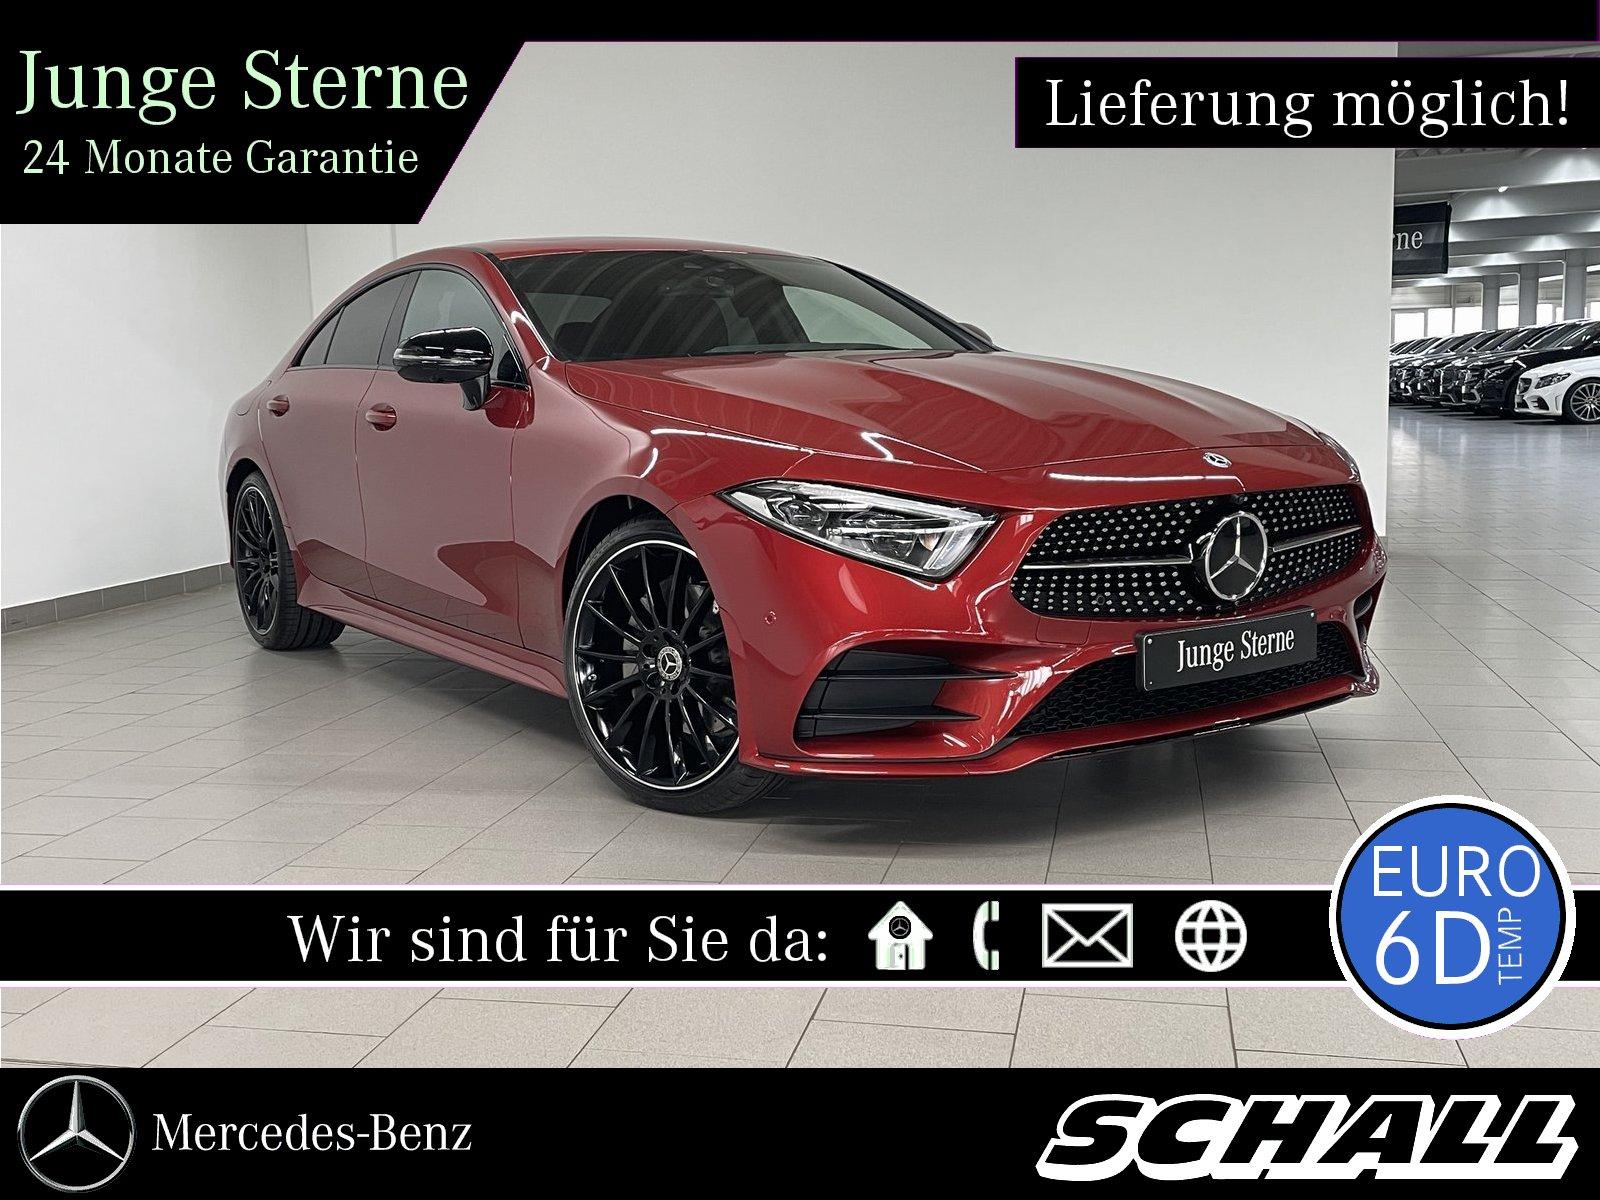 Mercedes-Benz CLS 220 d AMG+NIGHT+DISTR+WIDE+LED+MEMO+360°+HUD, Jahr 2020, Diesel